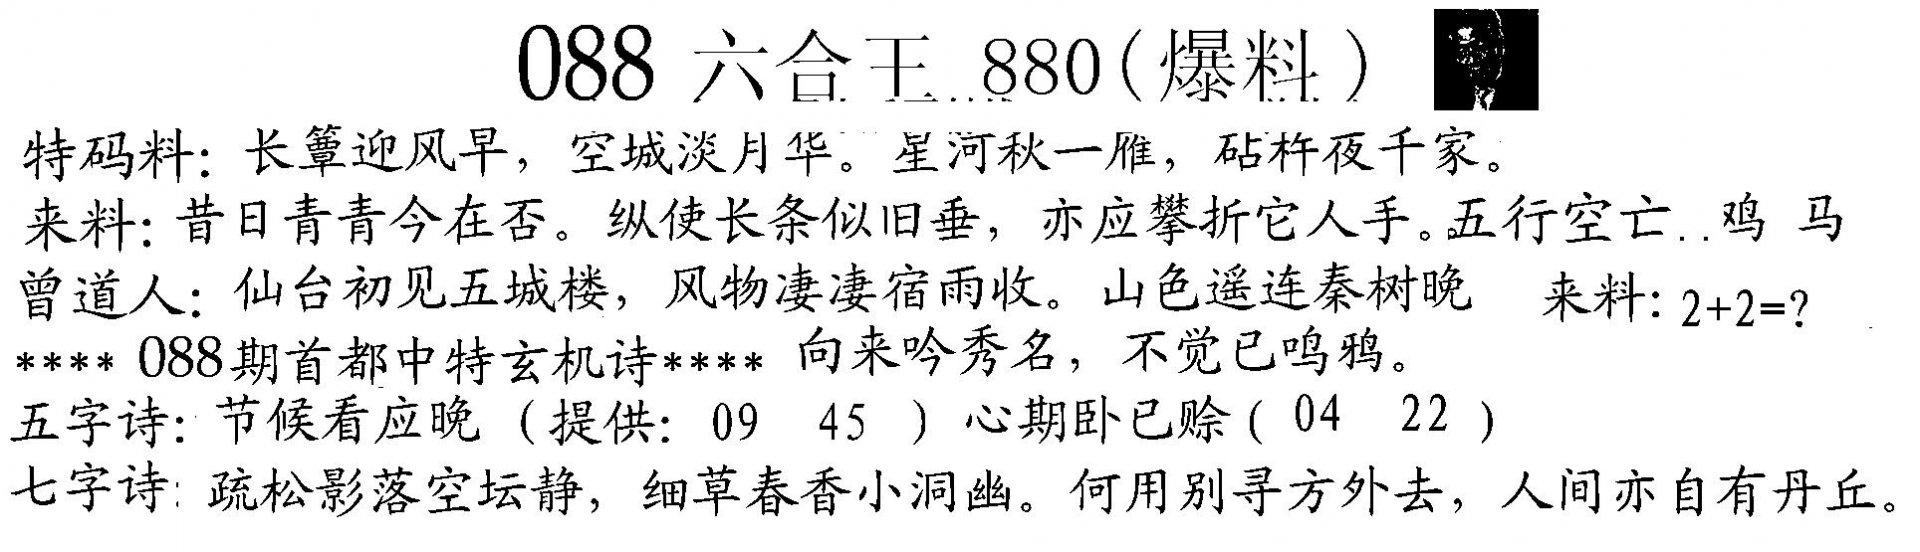 088期880来料(黑白)